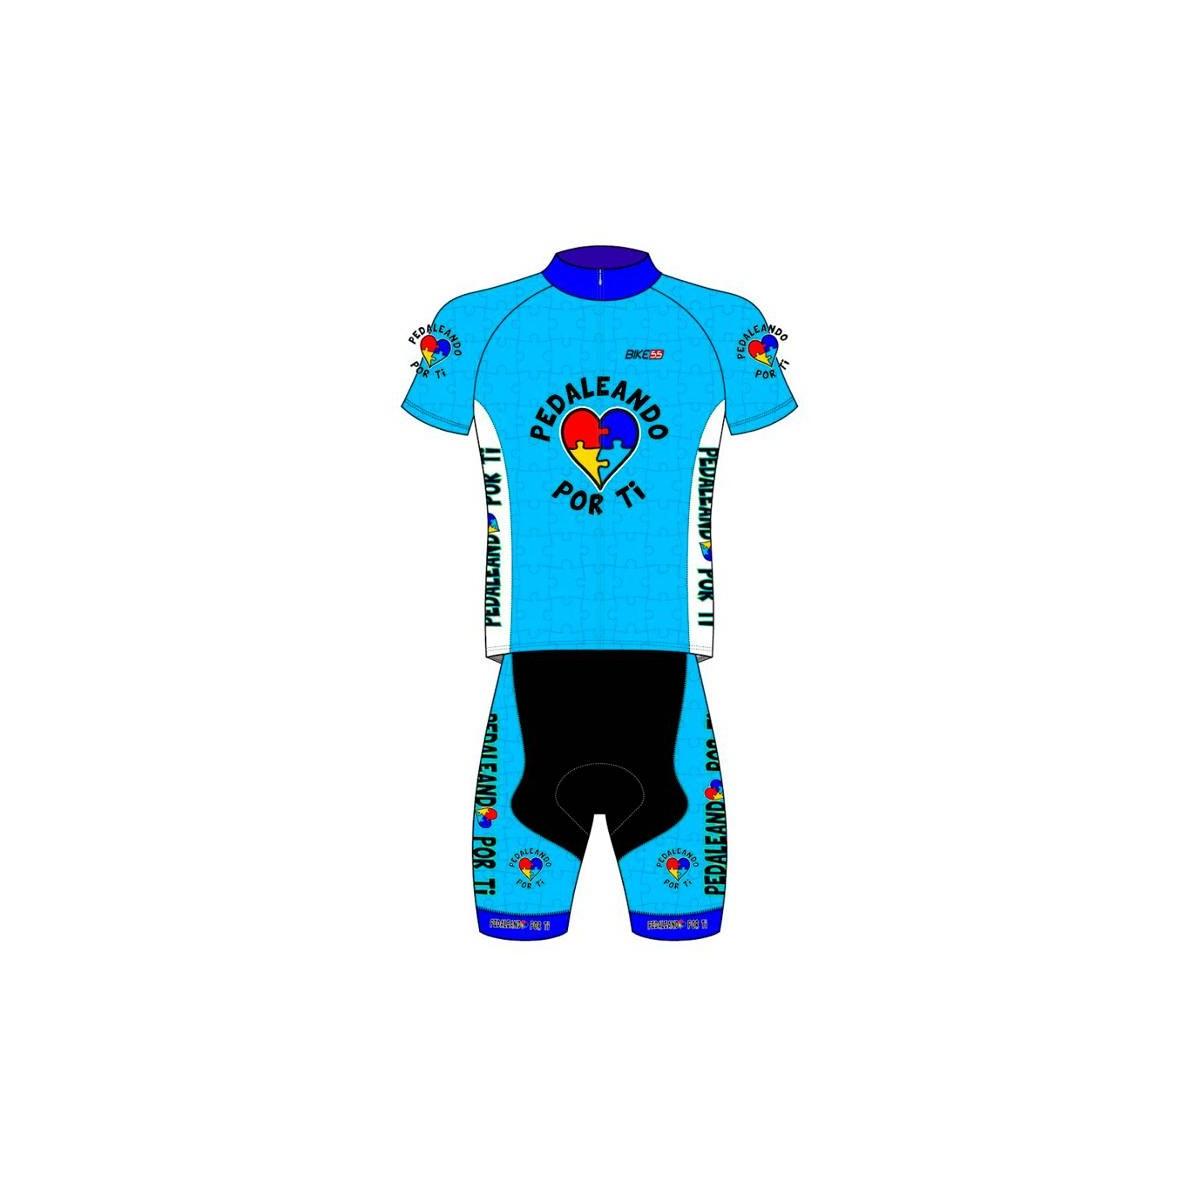 Conjunto Maglia + Pantalone corto pedaleando por ti